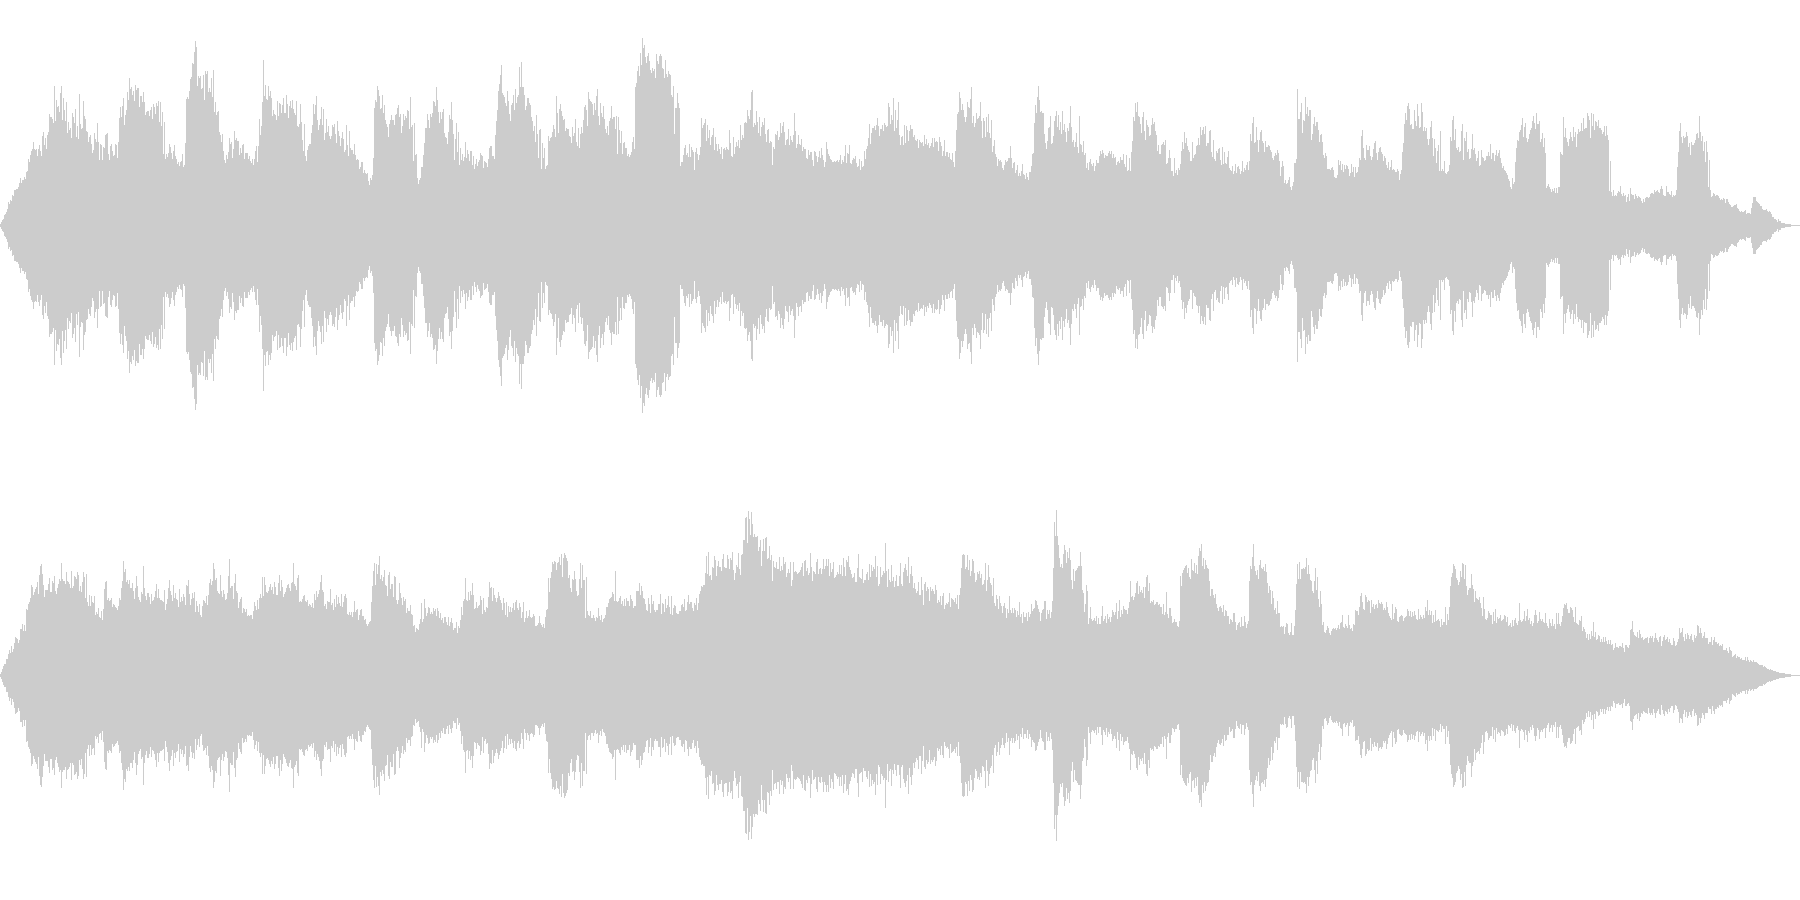 【自然音】蝉(ヒグラシ)の鳴き声02の未再生の波形